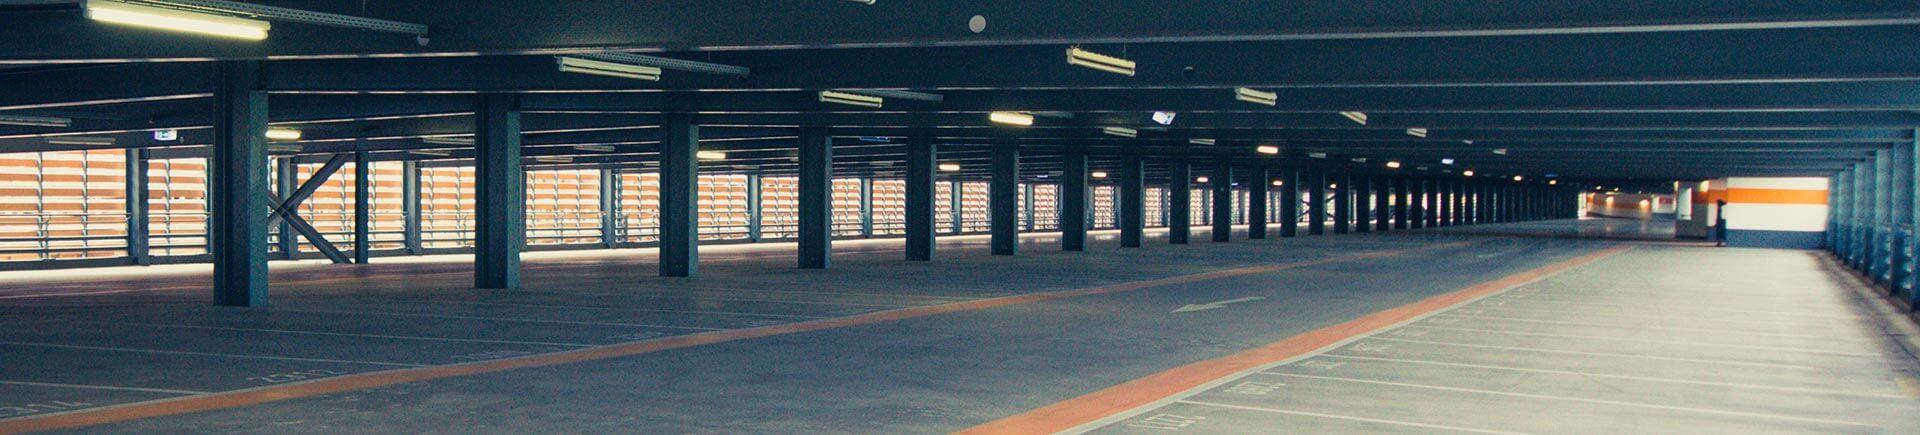 empty parking garage after pressure washing